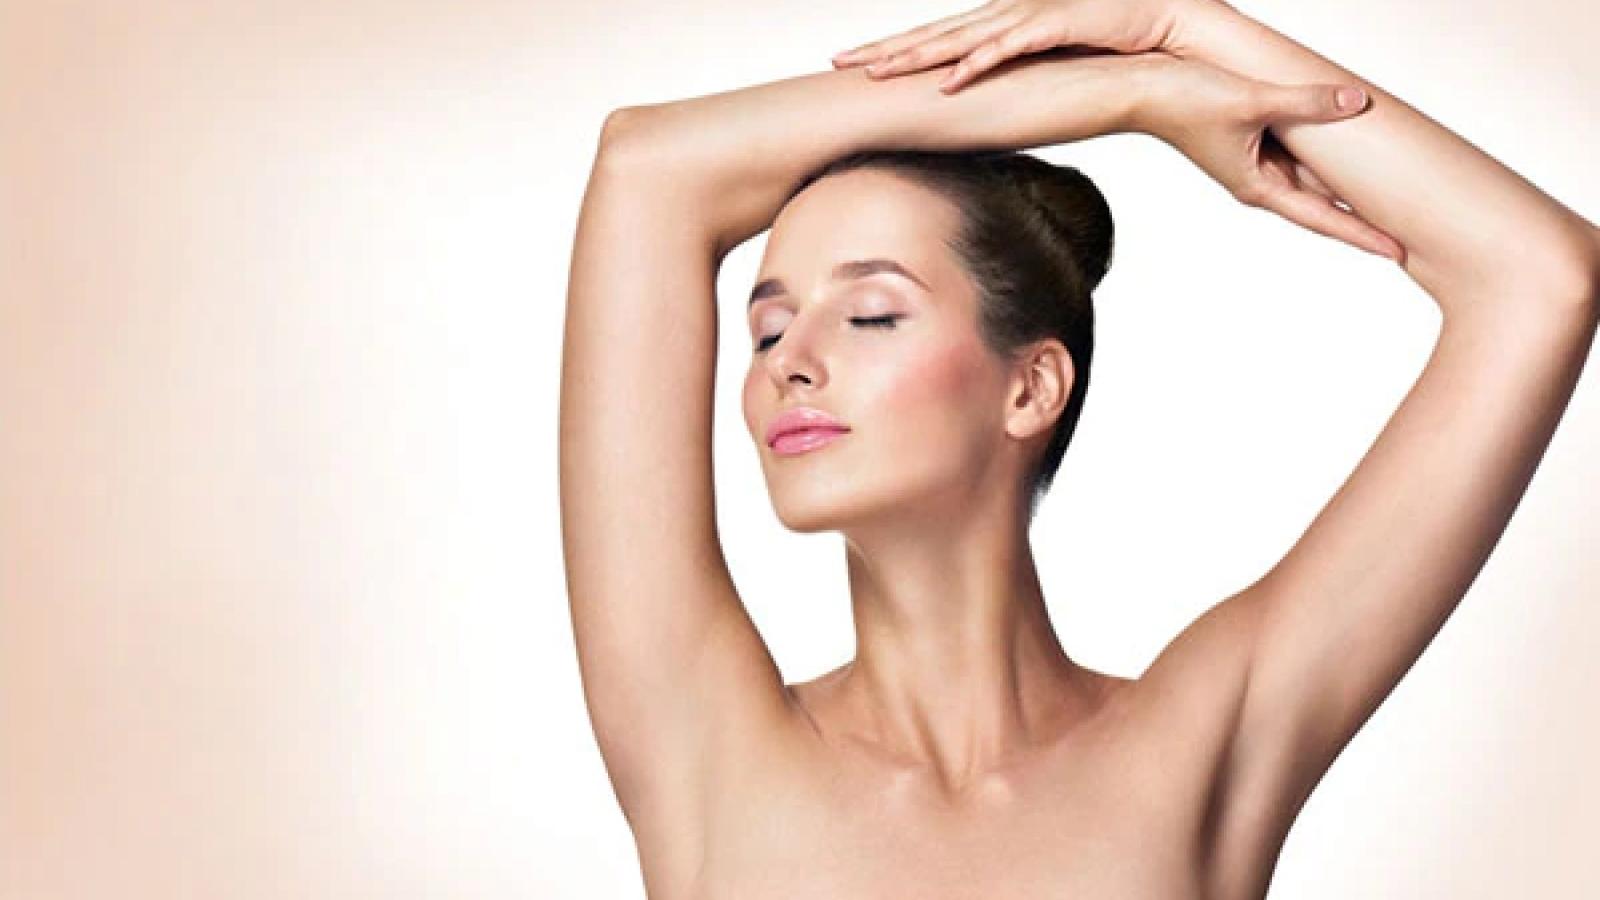 9 bí kíp tự nhiên giúp giảm thâm vùng da dưới cánh tay